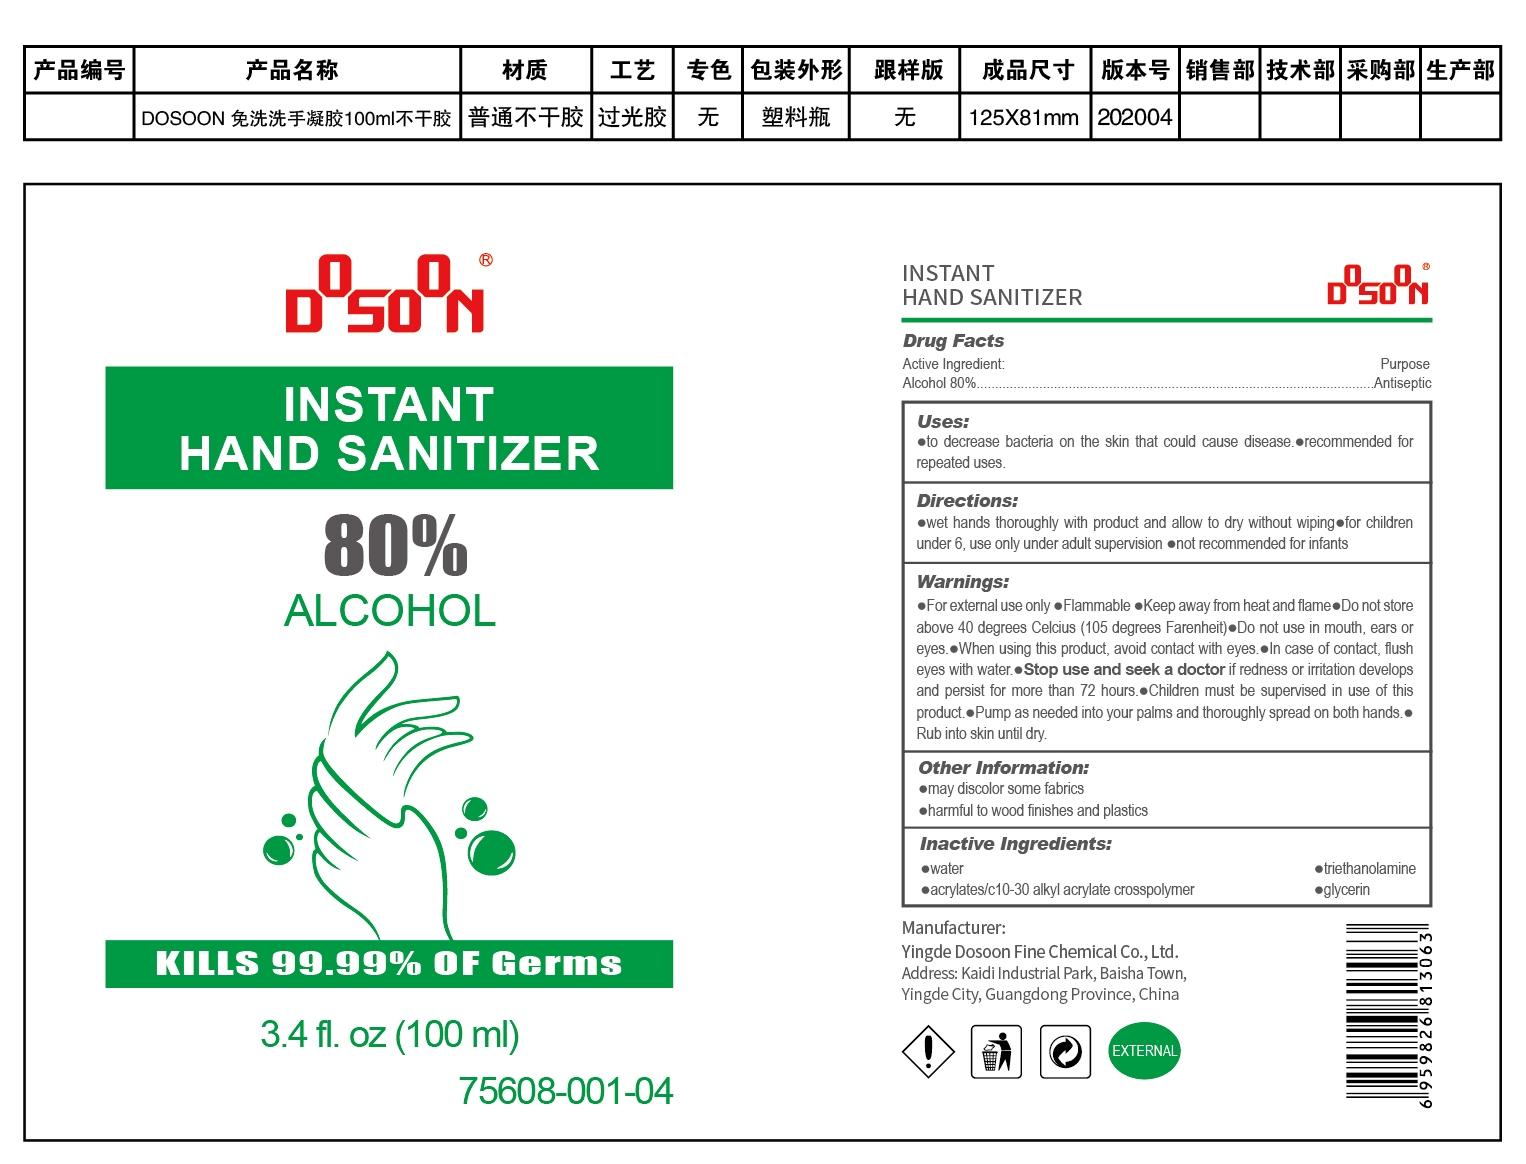 100 ml bottle label